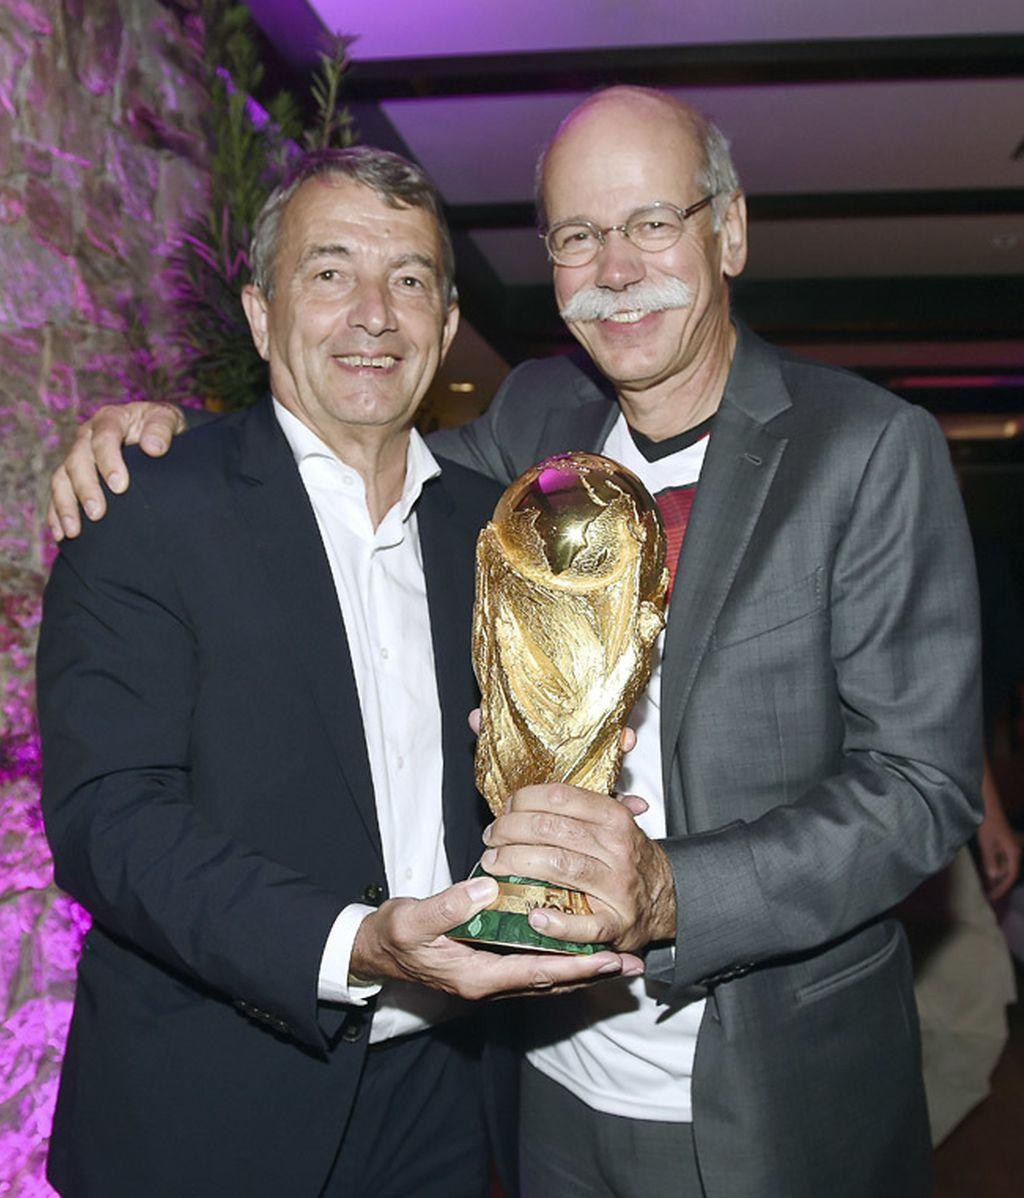 El presidente de la Federación Alemana posa con la Copa junto a uno de los patrocinadores